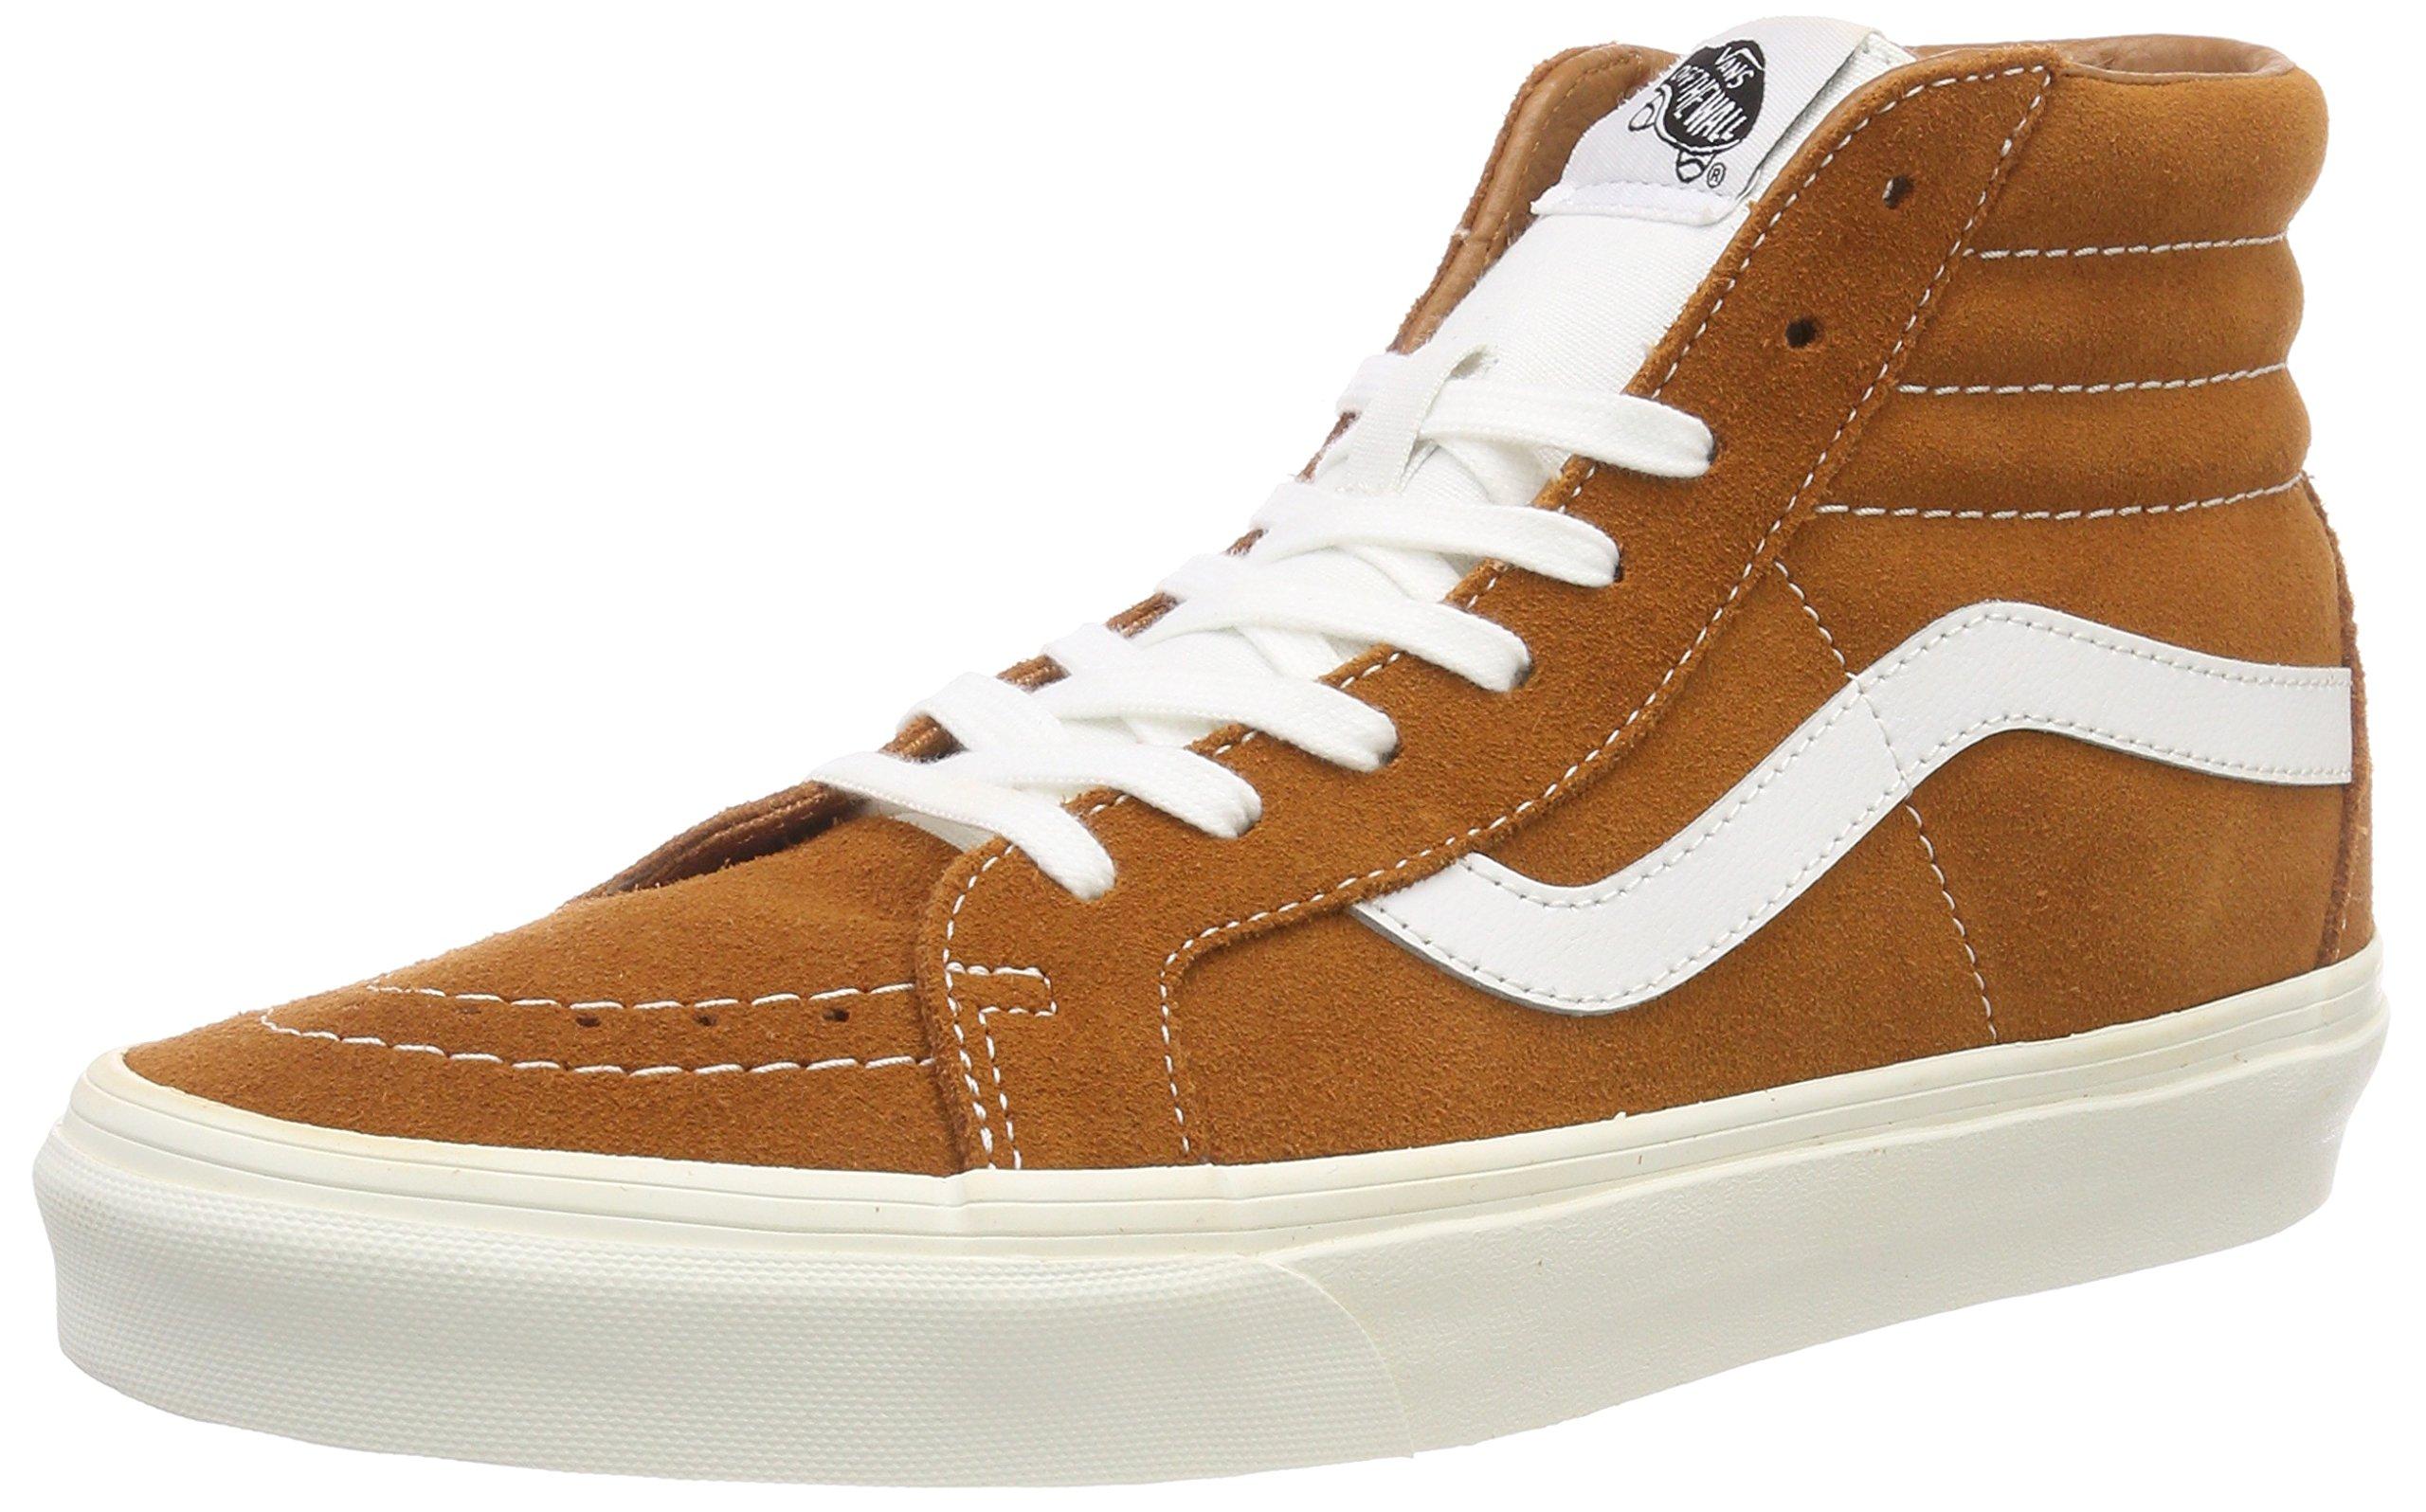 8c7863a9a58548 Galleon - Vans Sk8Hi Reissue Retro Sport Shoes 9.5 B(M) US Women 8 D(M) US  Glazed Ginger